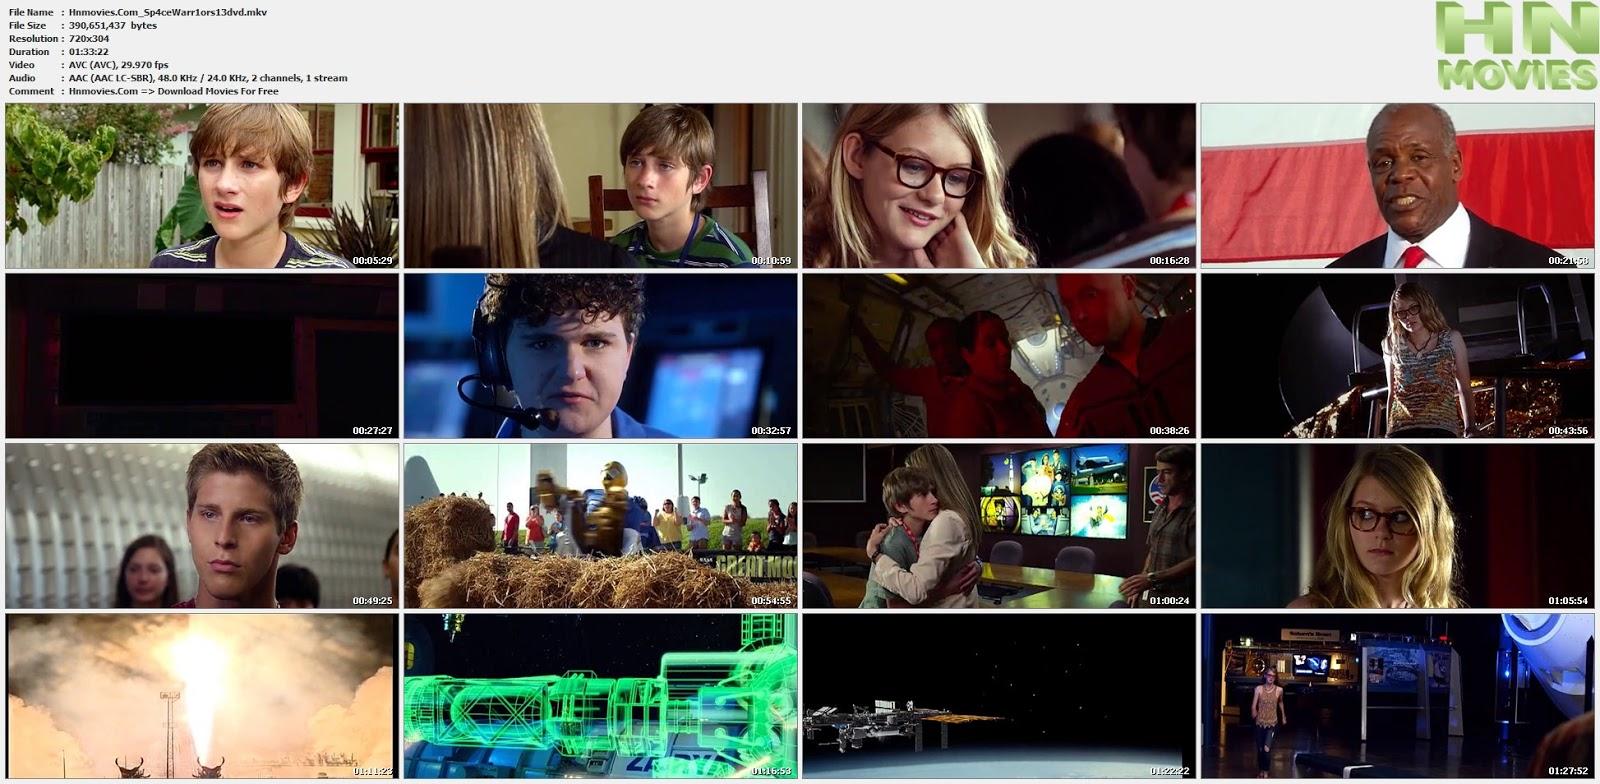 movie screenshot of Space Warriors fdmovie.com